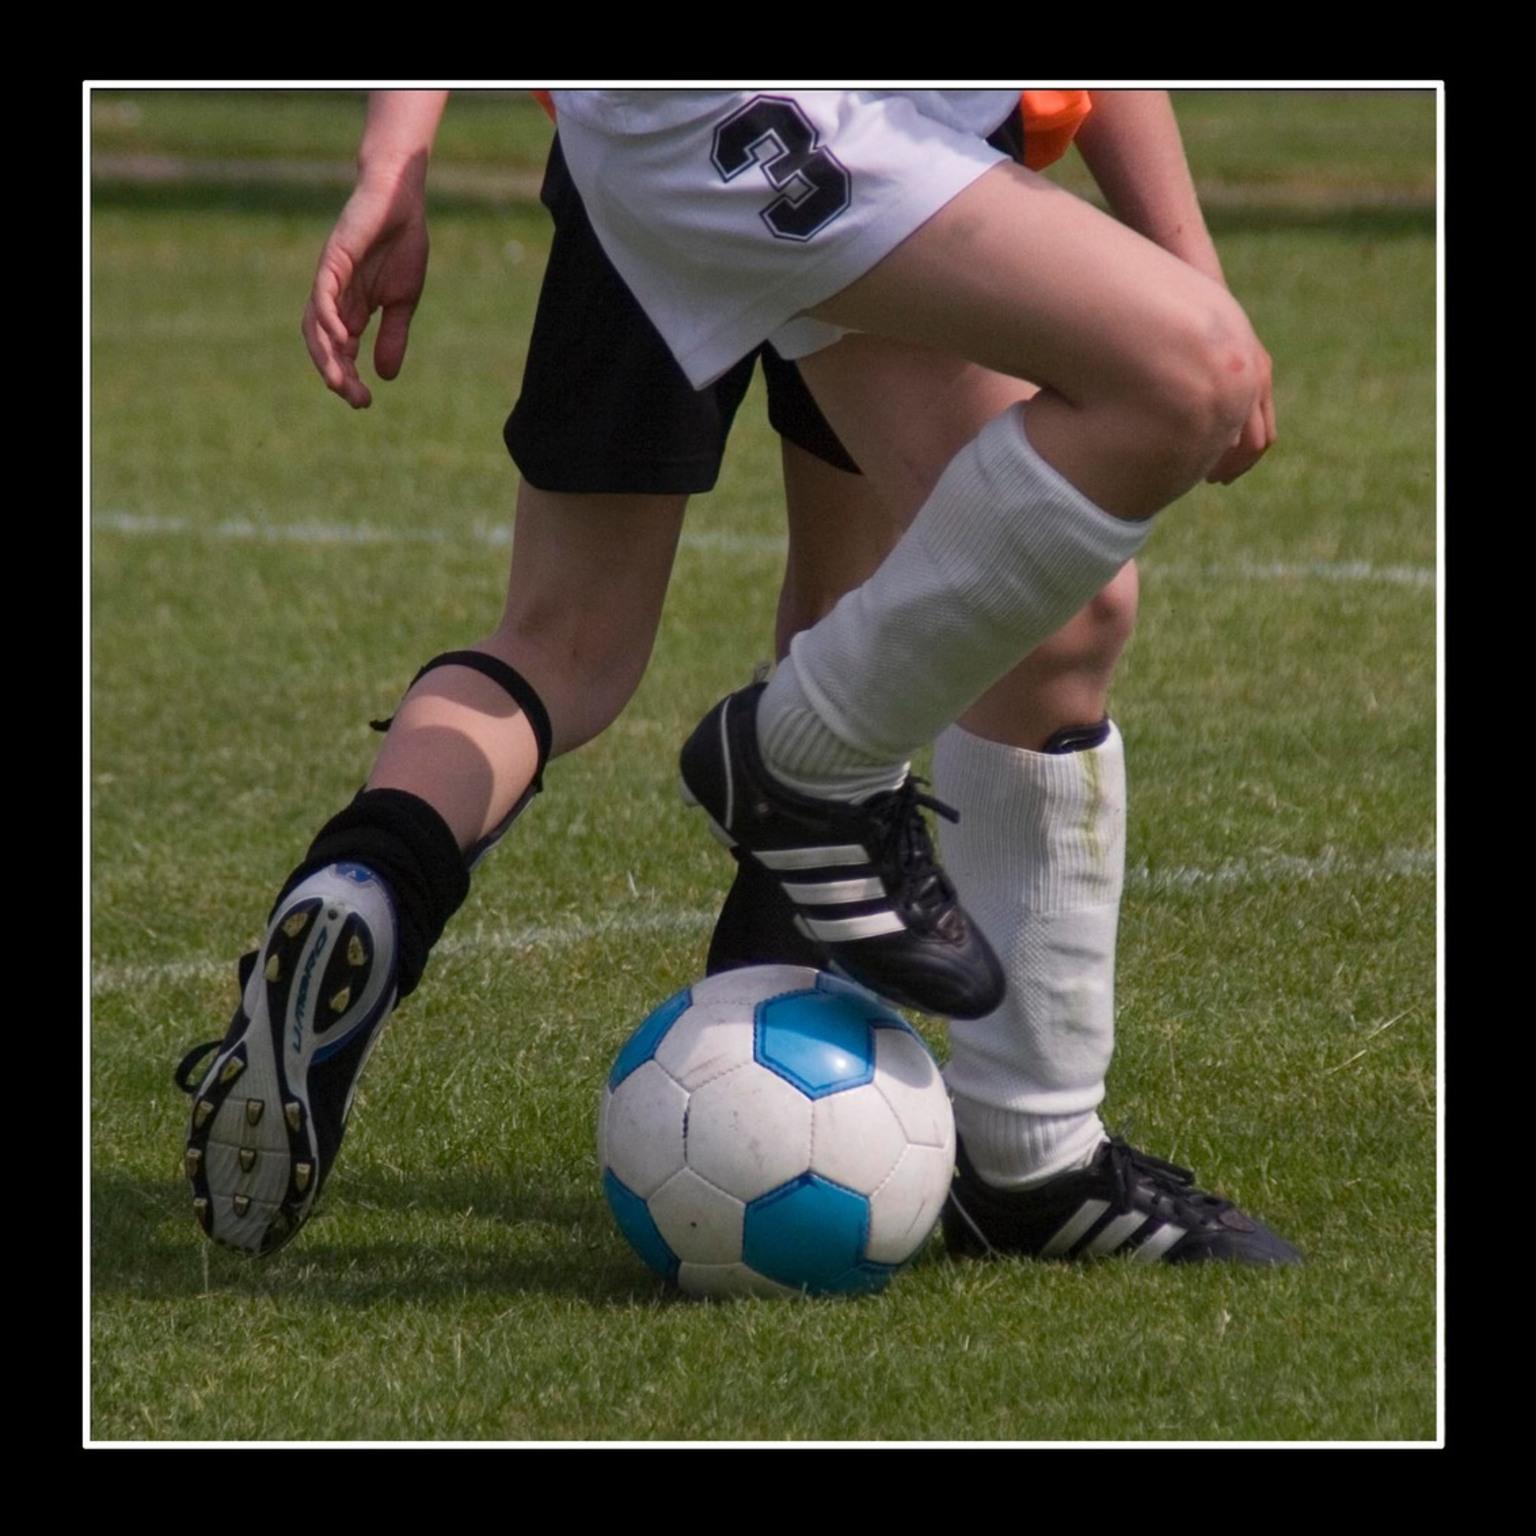 Vechten om de bal - Voetbaltoernooi E-jeugd - foto door rietgb op 04-06-2008 - deze foto bevat: voetbal, actie, jeugd